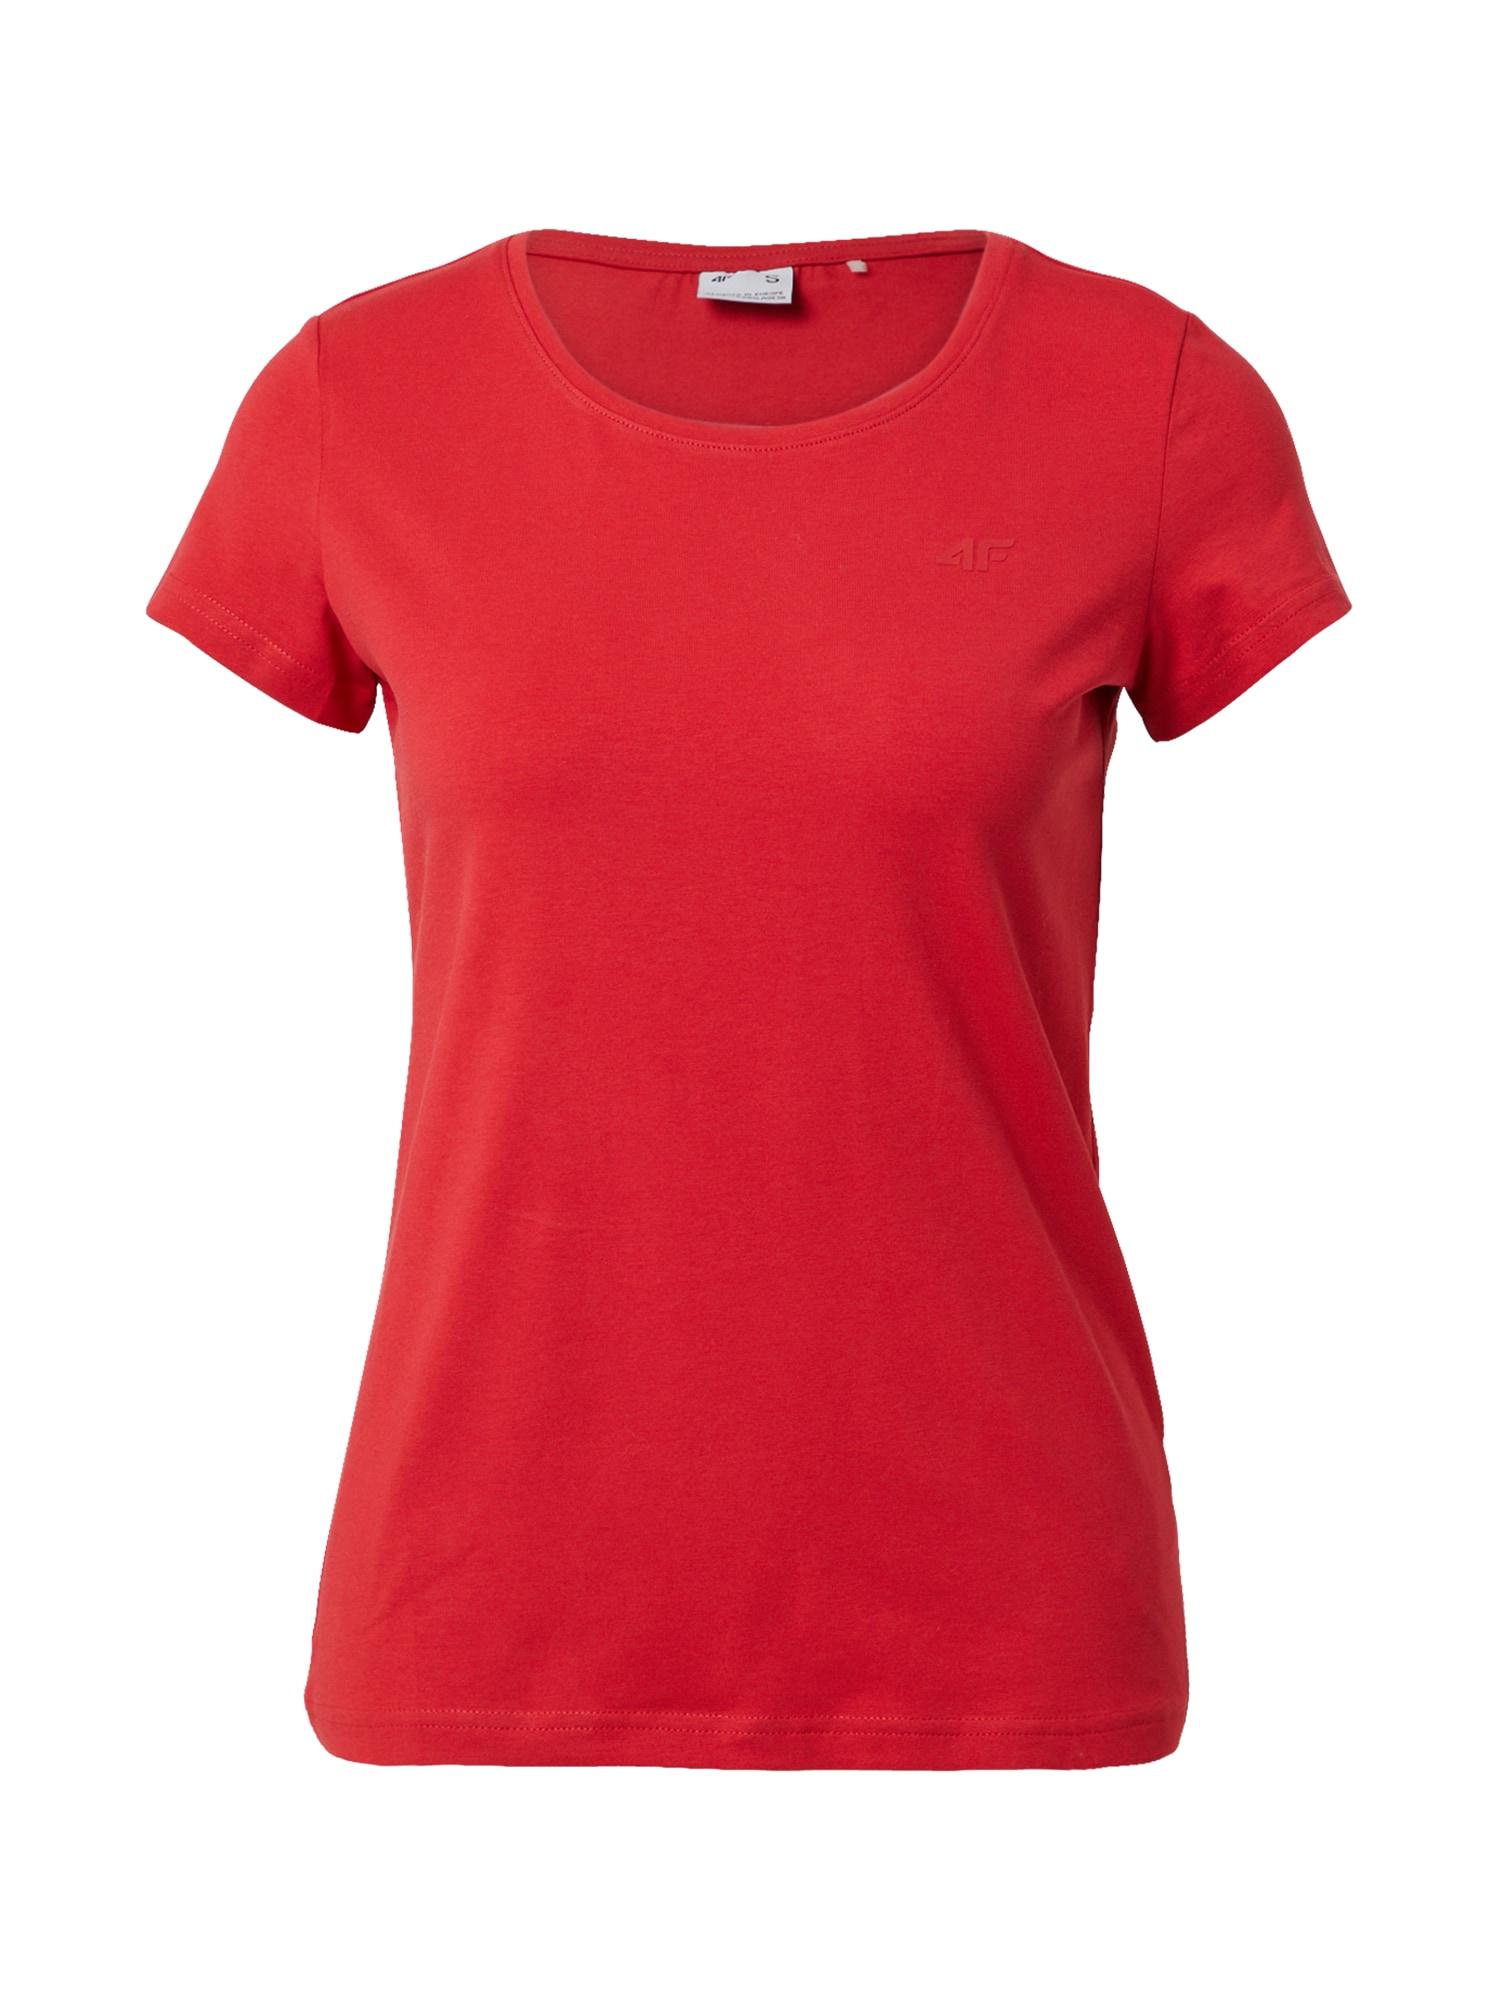 4F Sportiniai marškinėliai raudona